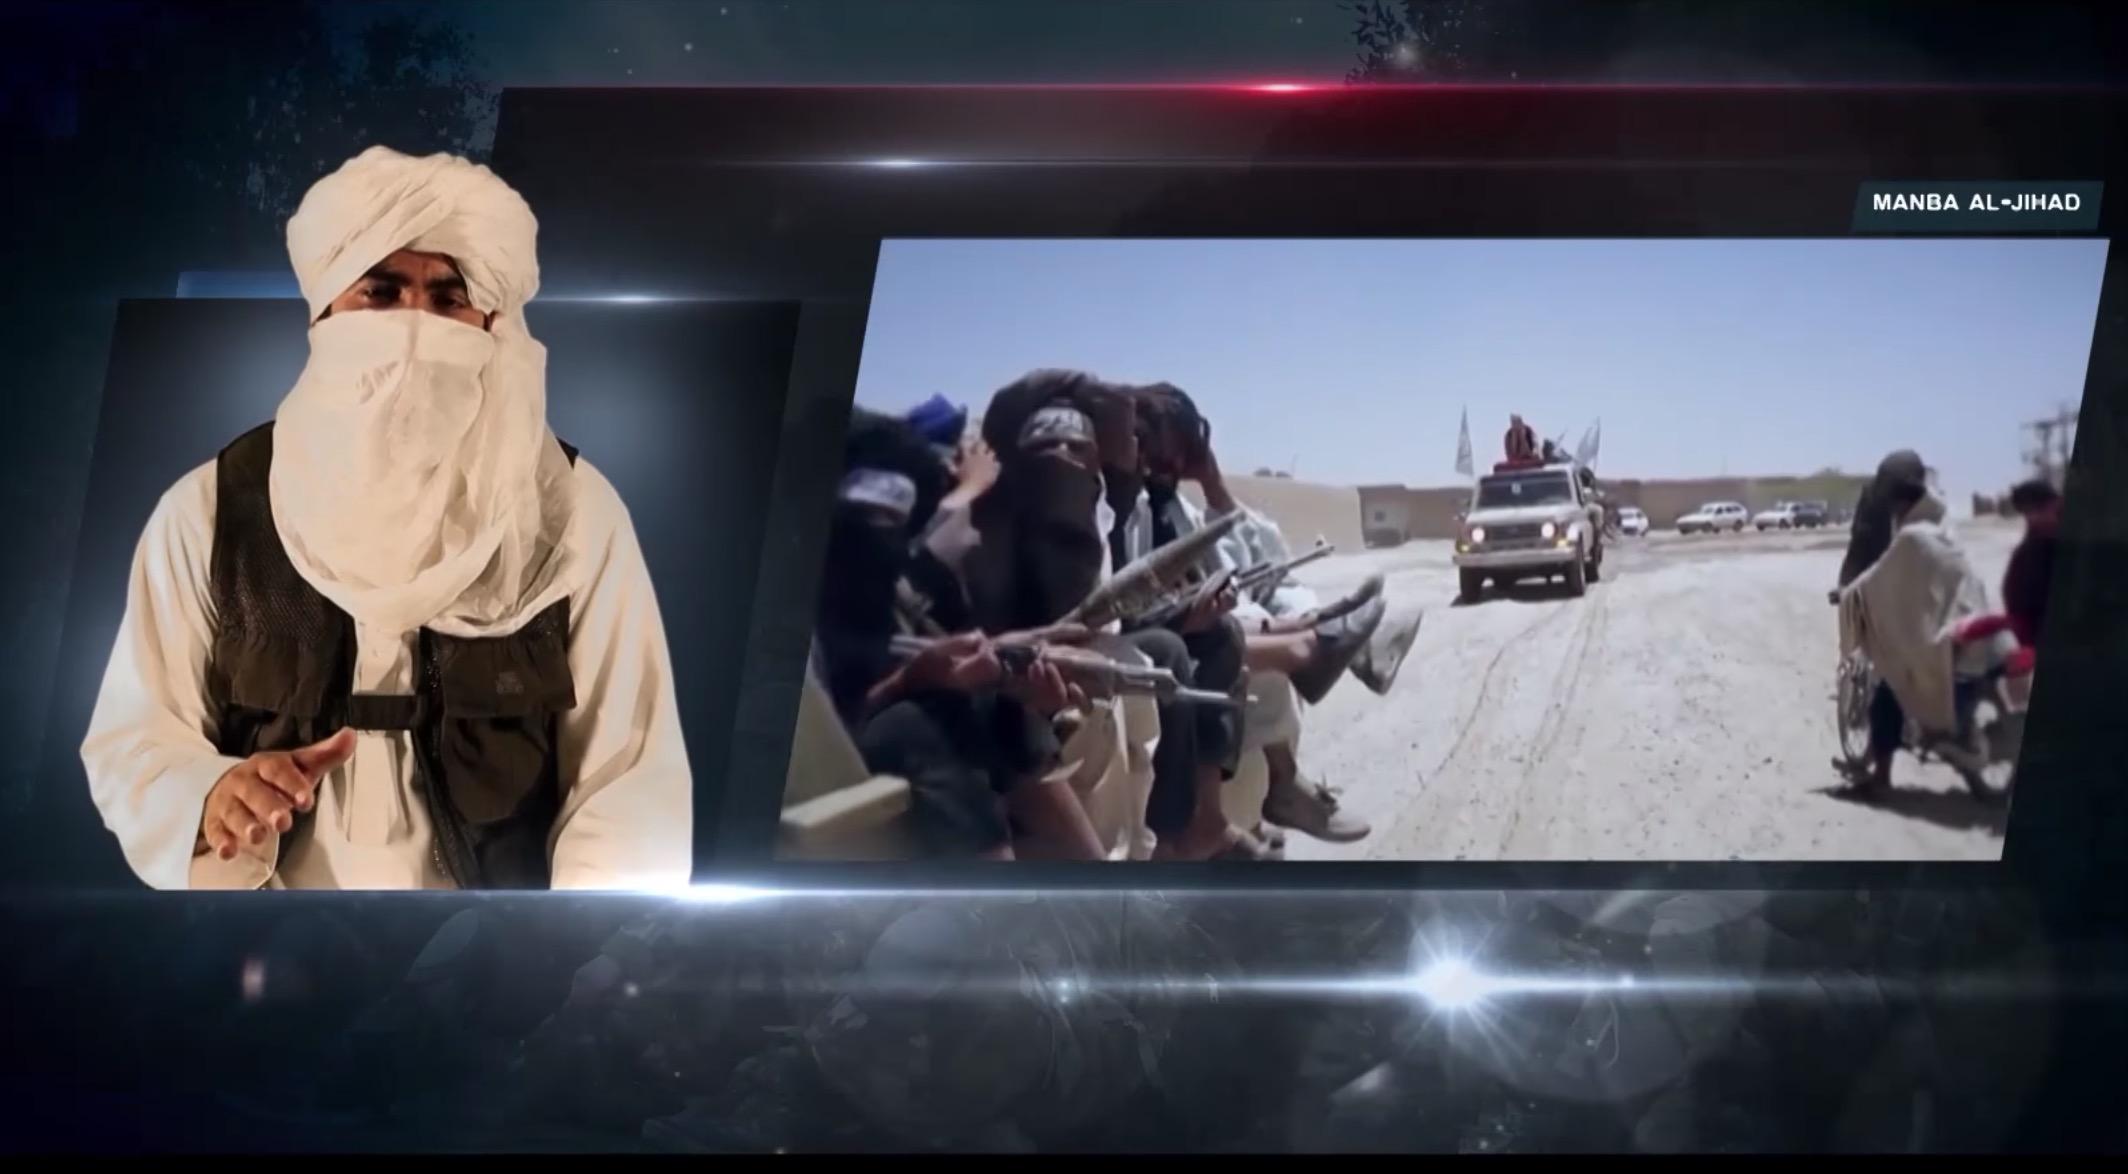 Taliban'dan 'direniş medyası' atılımı